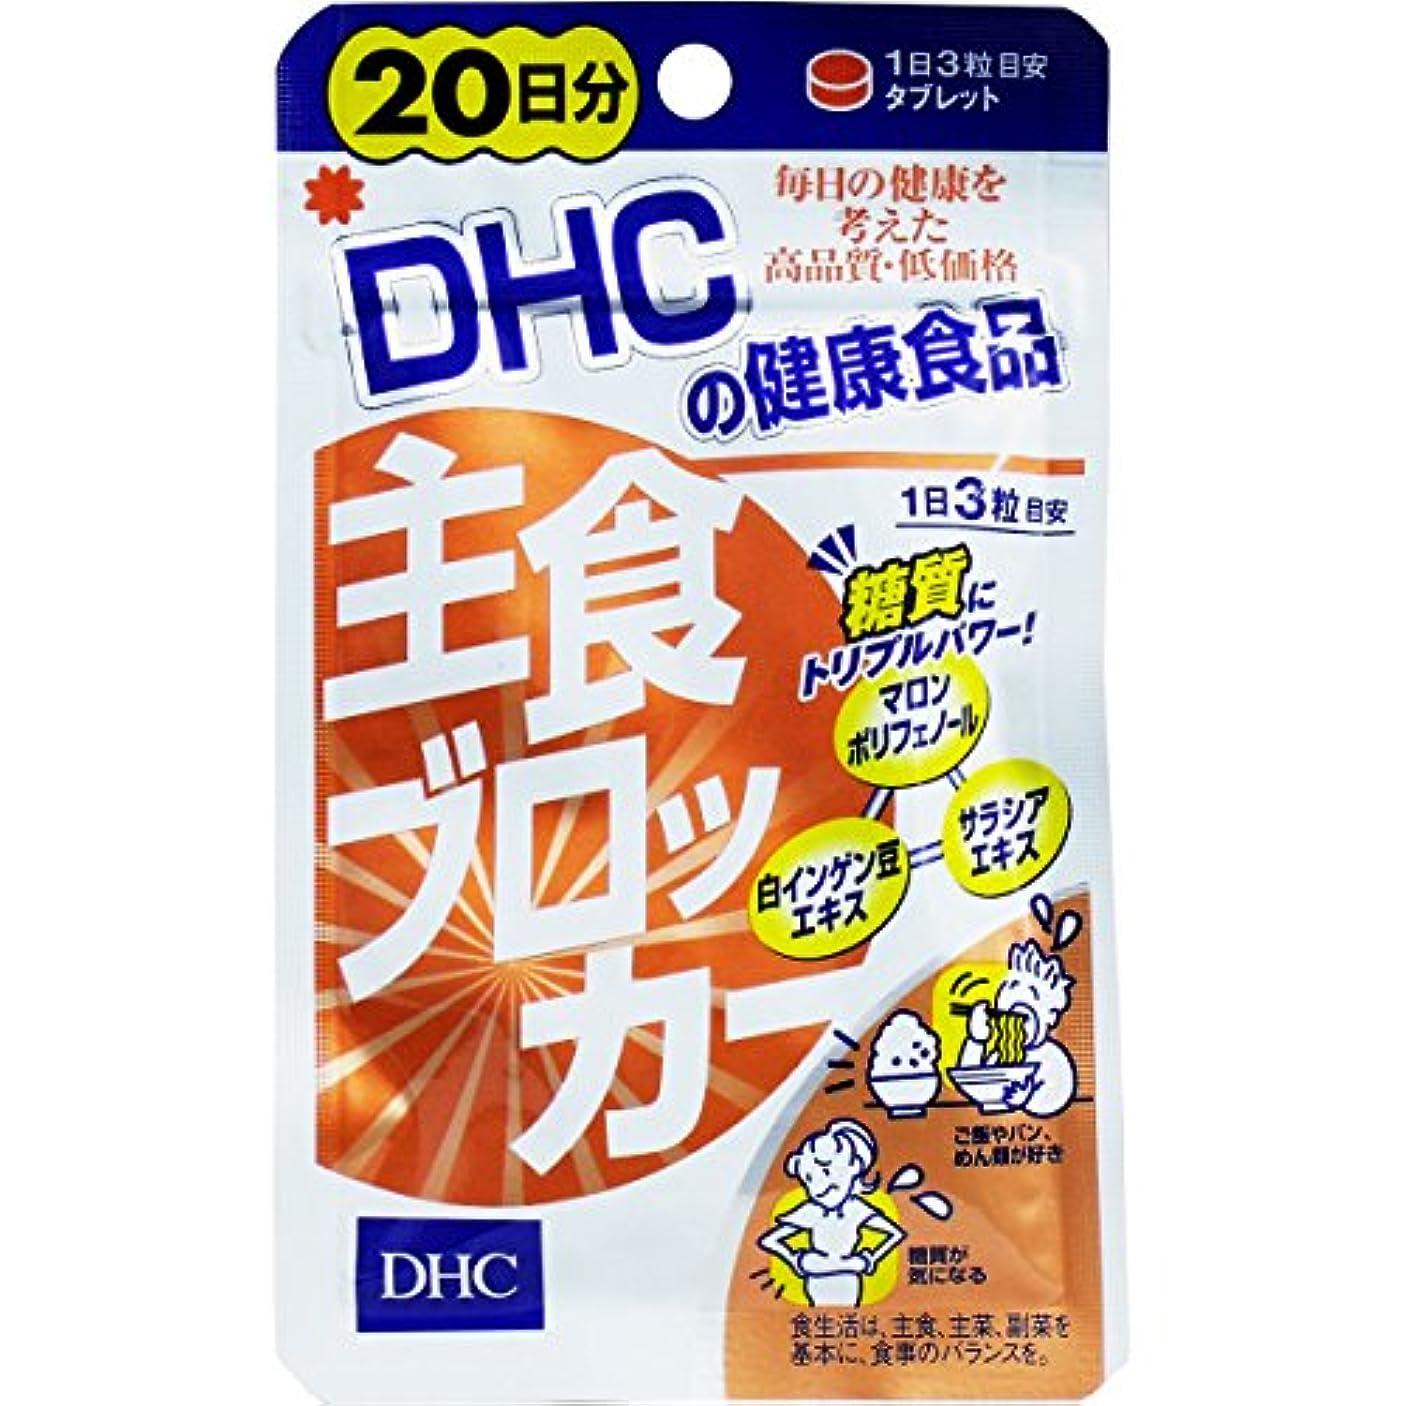 四侵入バルブサプリ 主食好きさんの、健康とダイエットに 話題の DHC 主食ブロッカー 20日分 60粒入